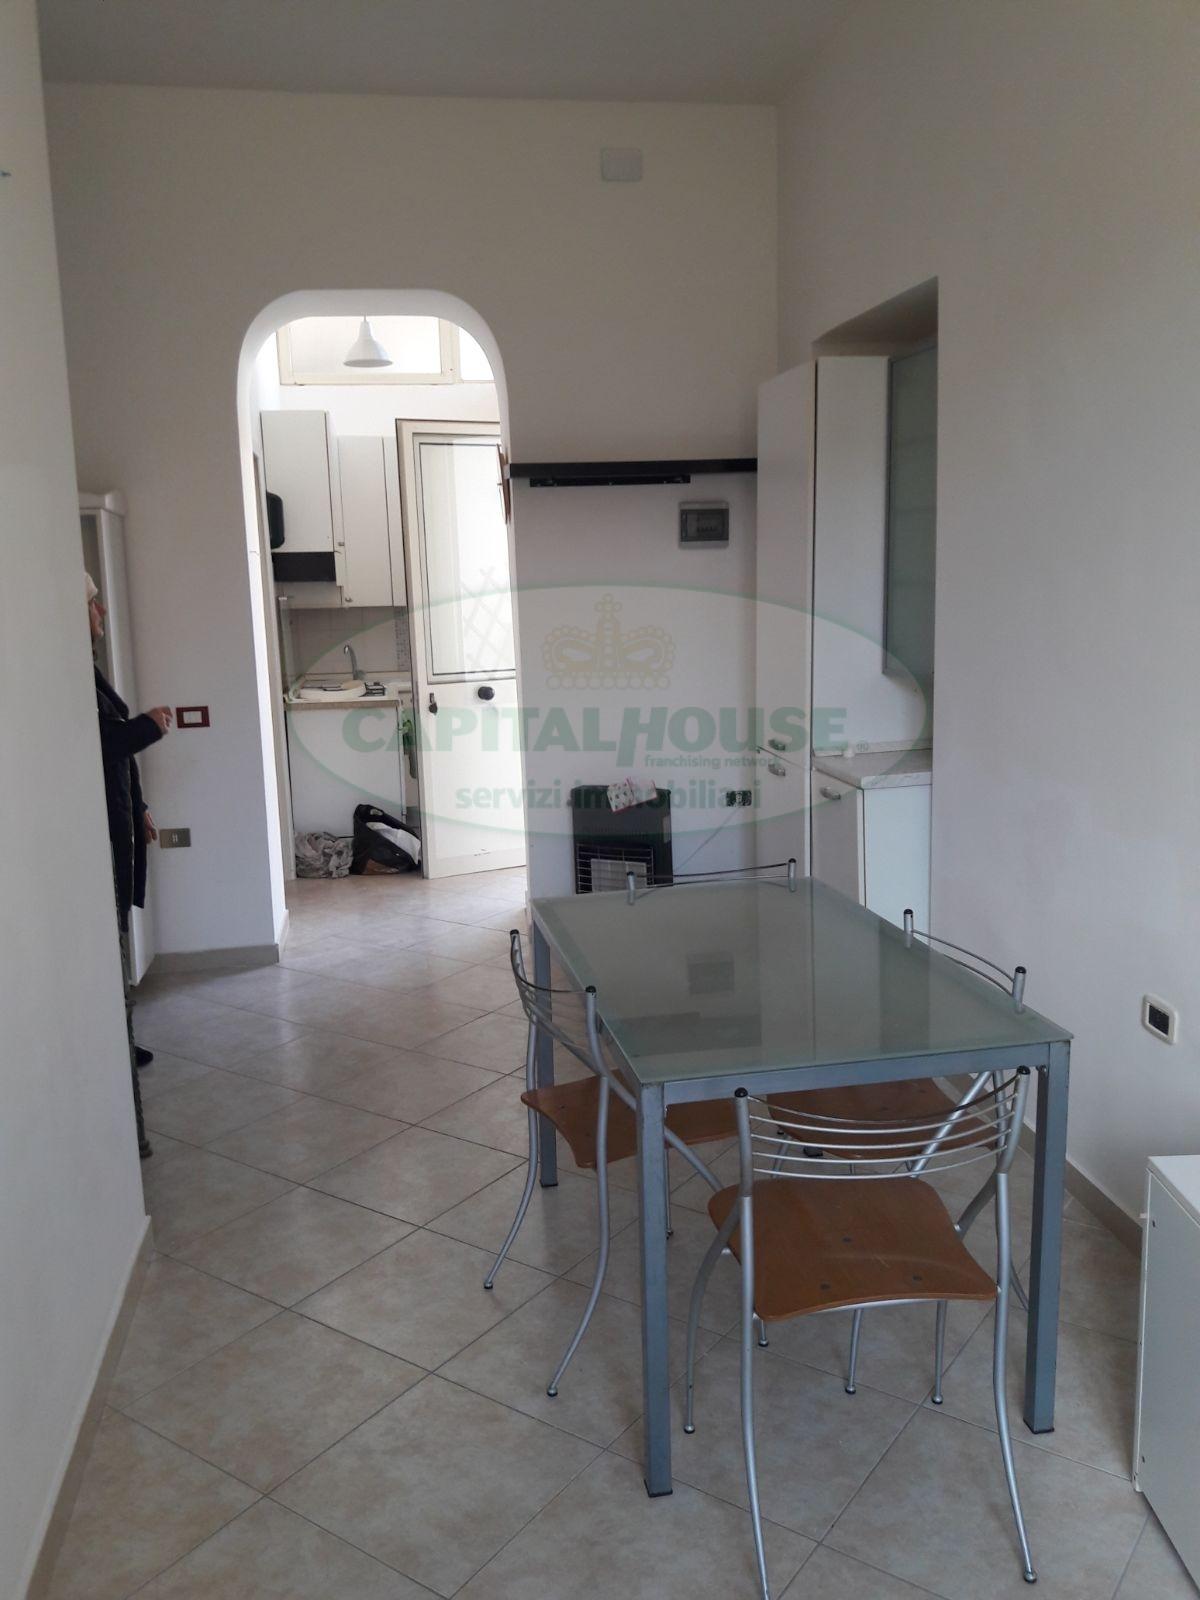 320dm appartamento in affitto a caserta acquaviva for Affitto caserta arredato